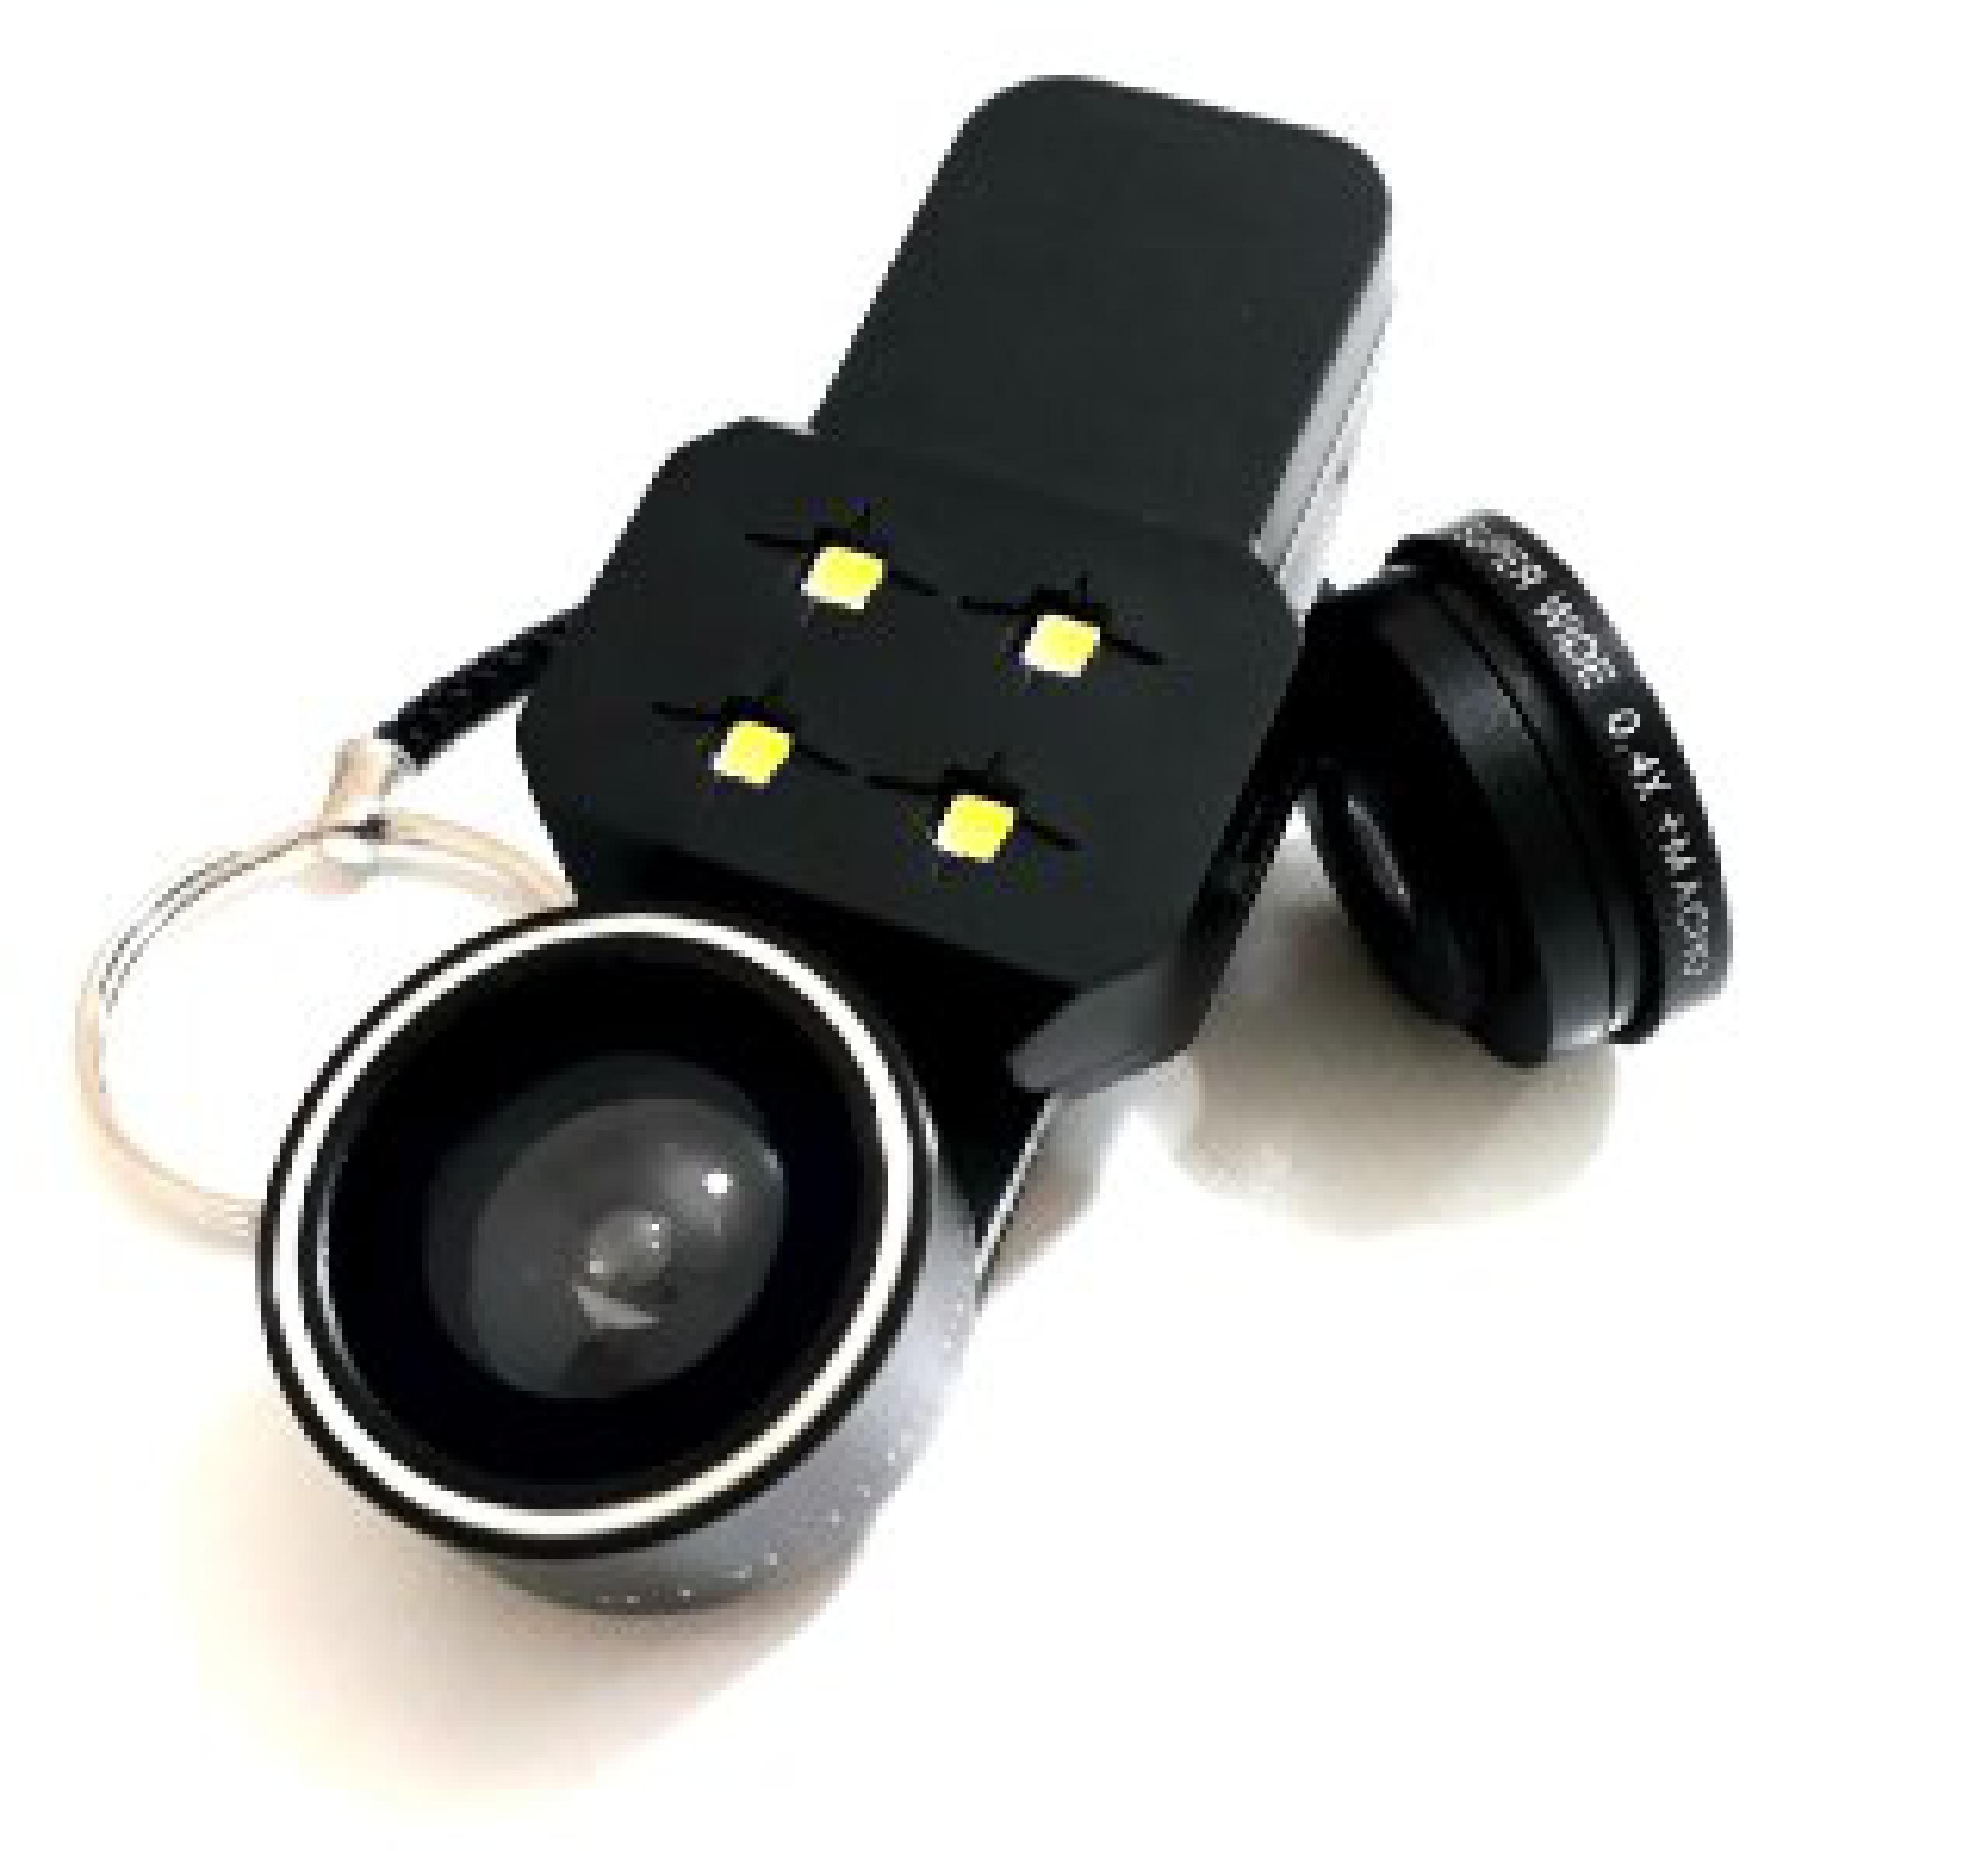 4 in 1 Işıklı Balık Gözü Lens Wide Geniş Açılı Makro Universal